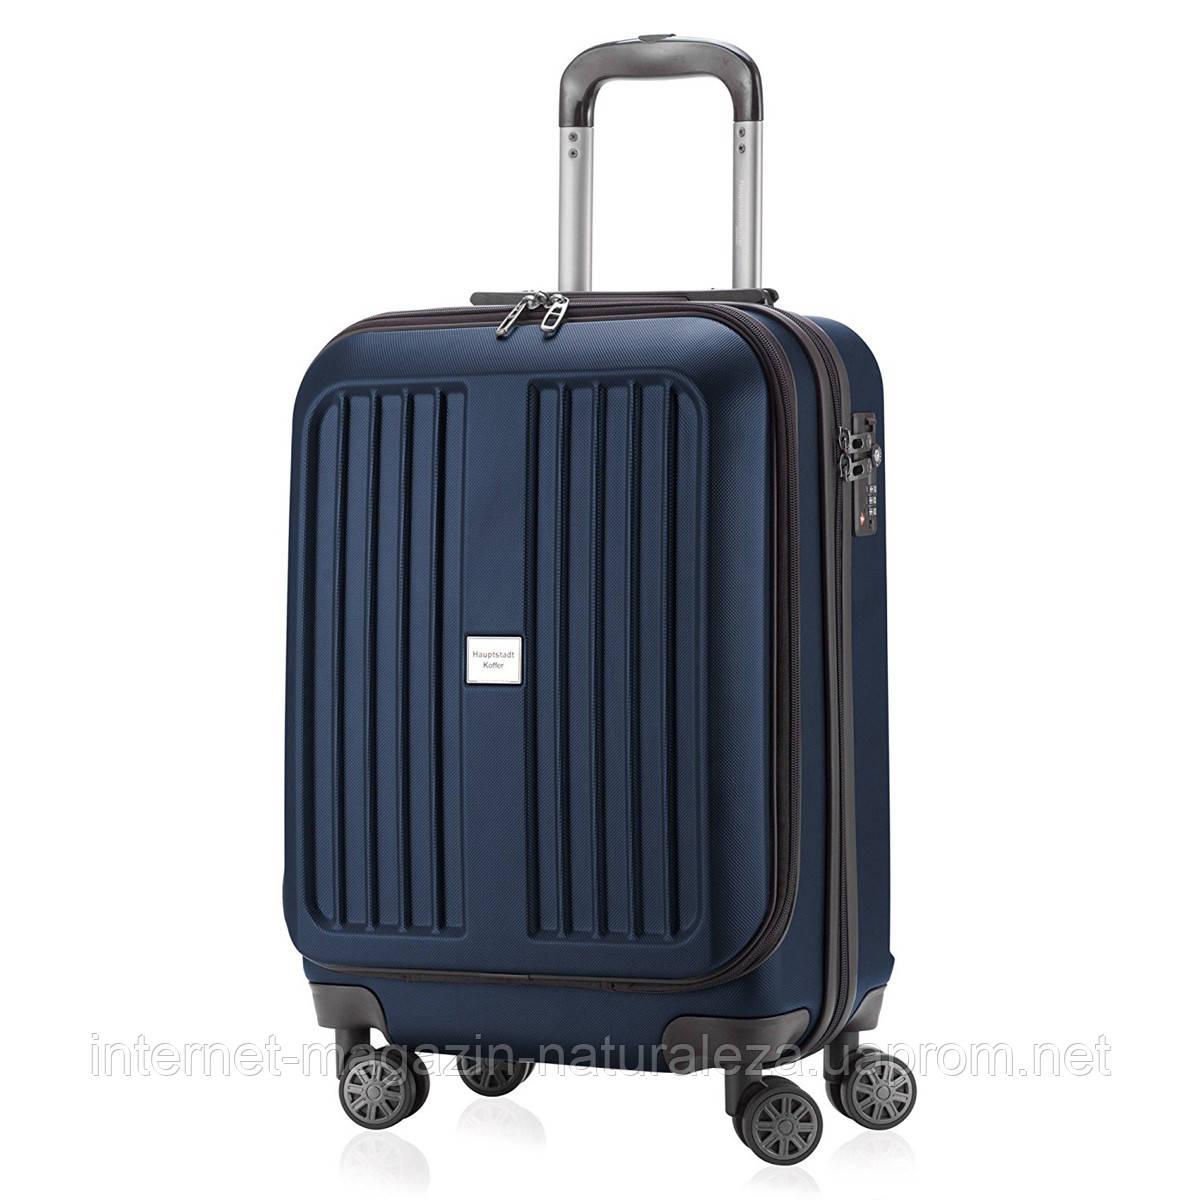 Валізу на коліщатках Hauptstadtkoffer Xberg Mini темно-синій матовий